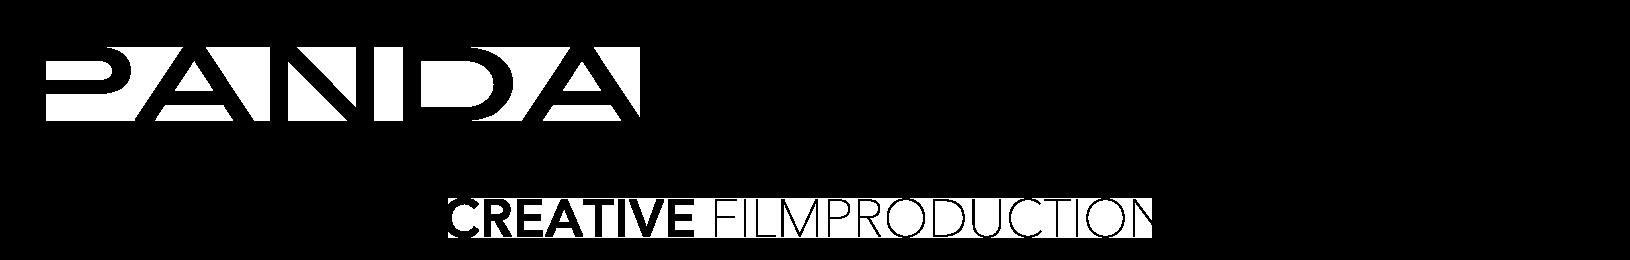 PandaPictures_LOGO_260p_transparent_mit_Slogan_2D_black